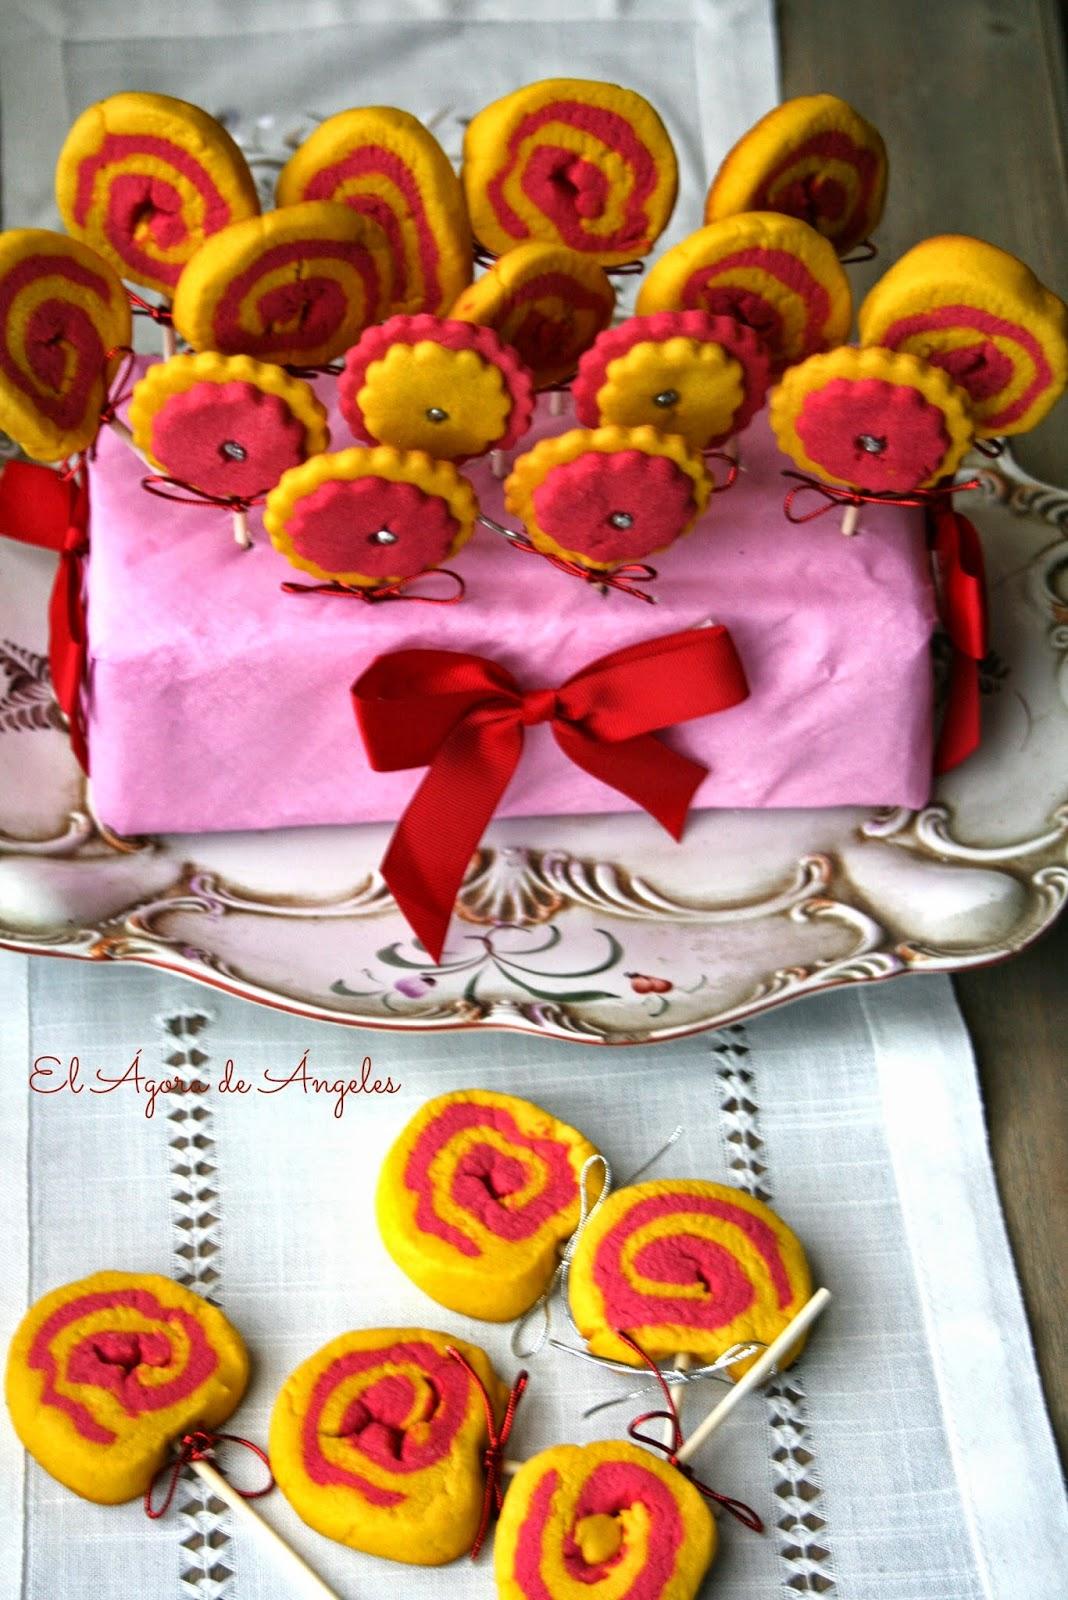 piruletas de galleta, galletas de mantequilla, galletas espiral, cumpleaños